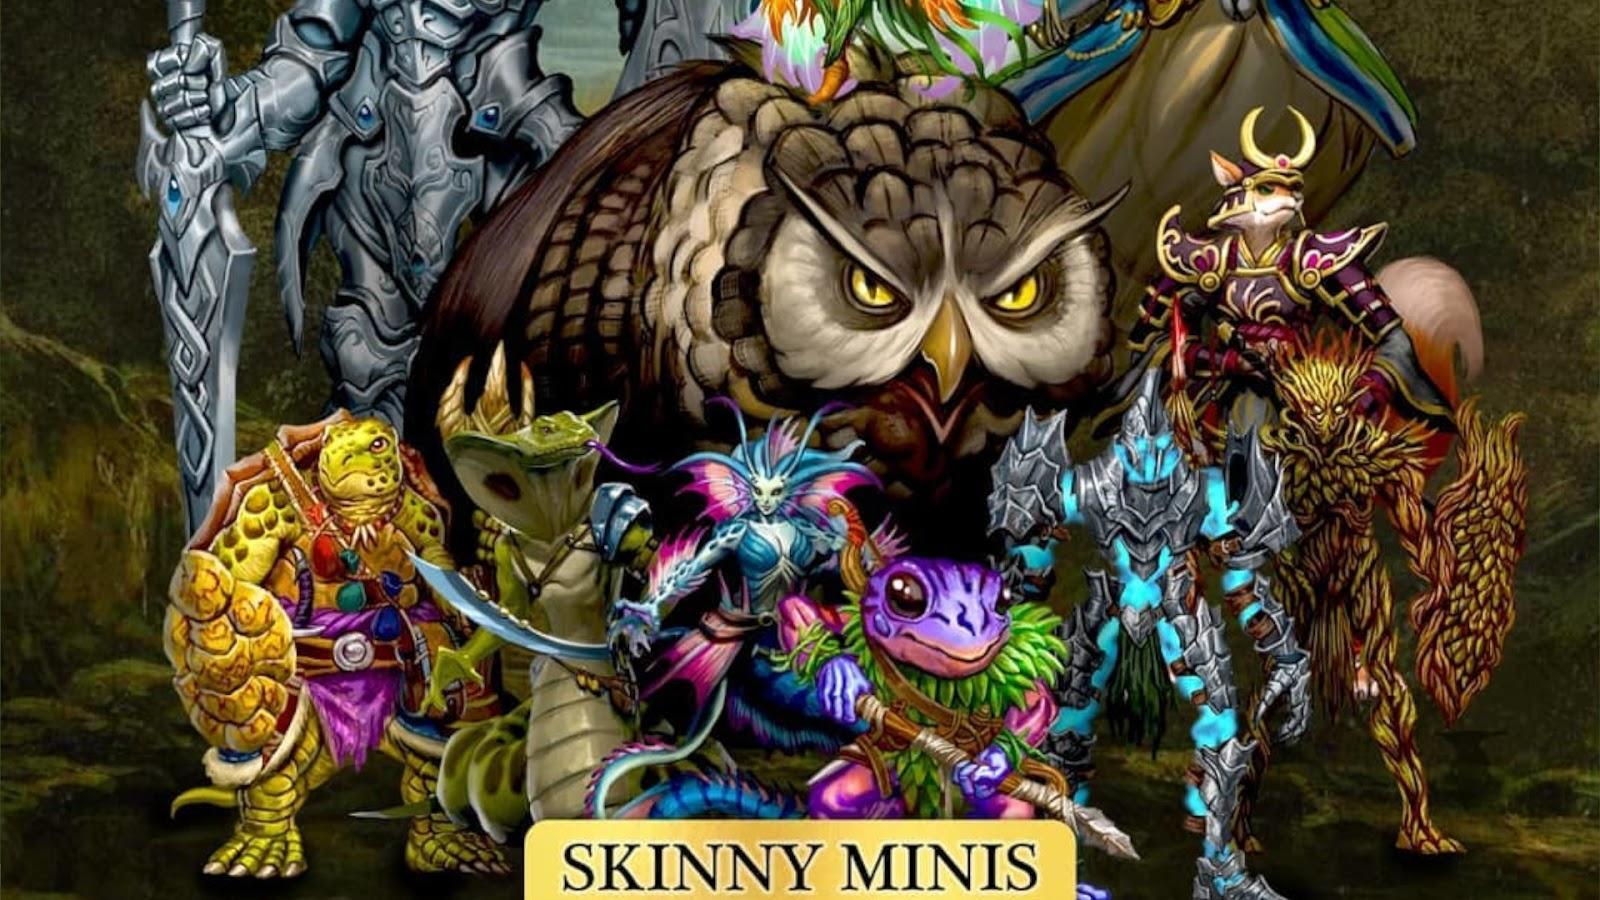 Kickstarter Highlights - Skinny Minis